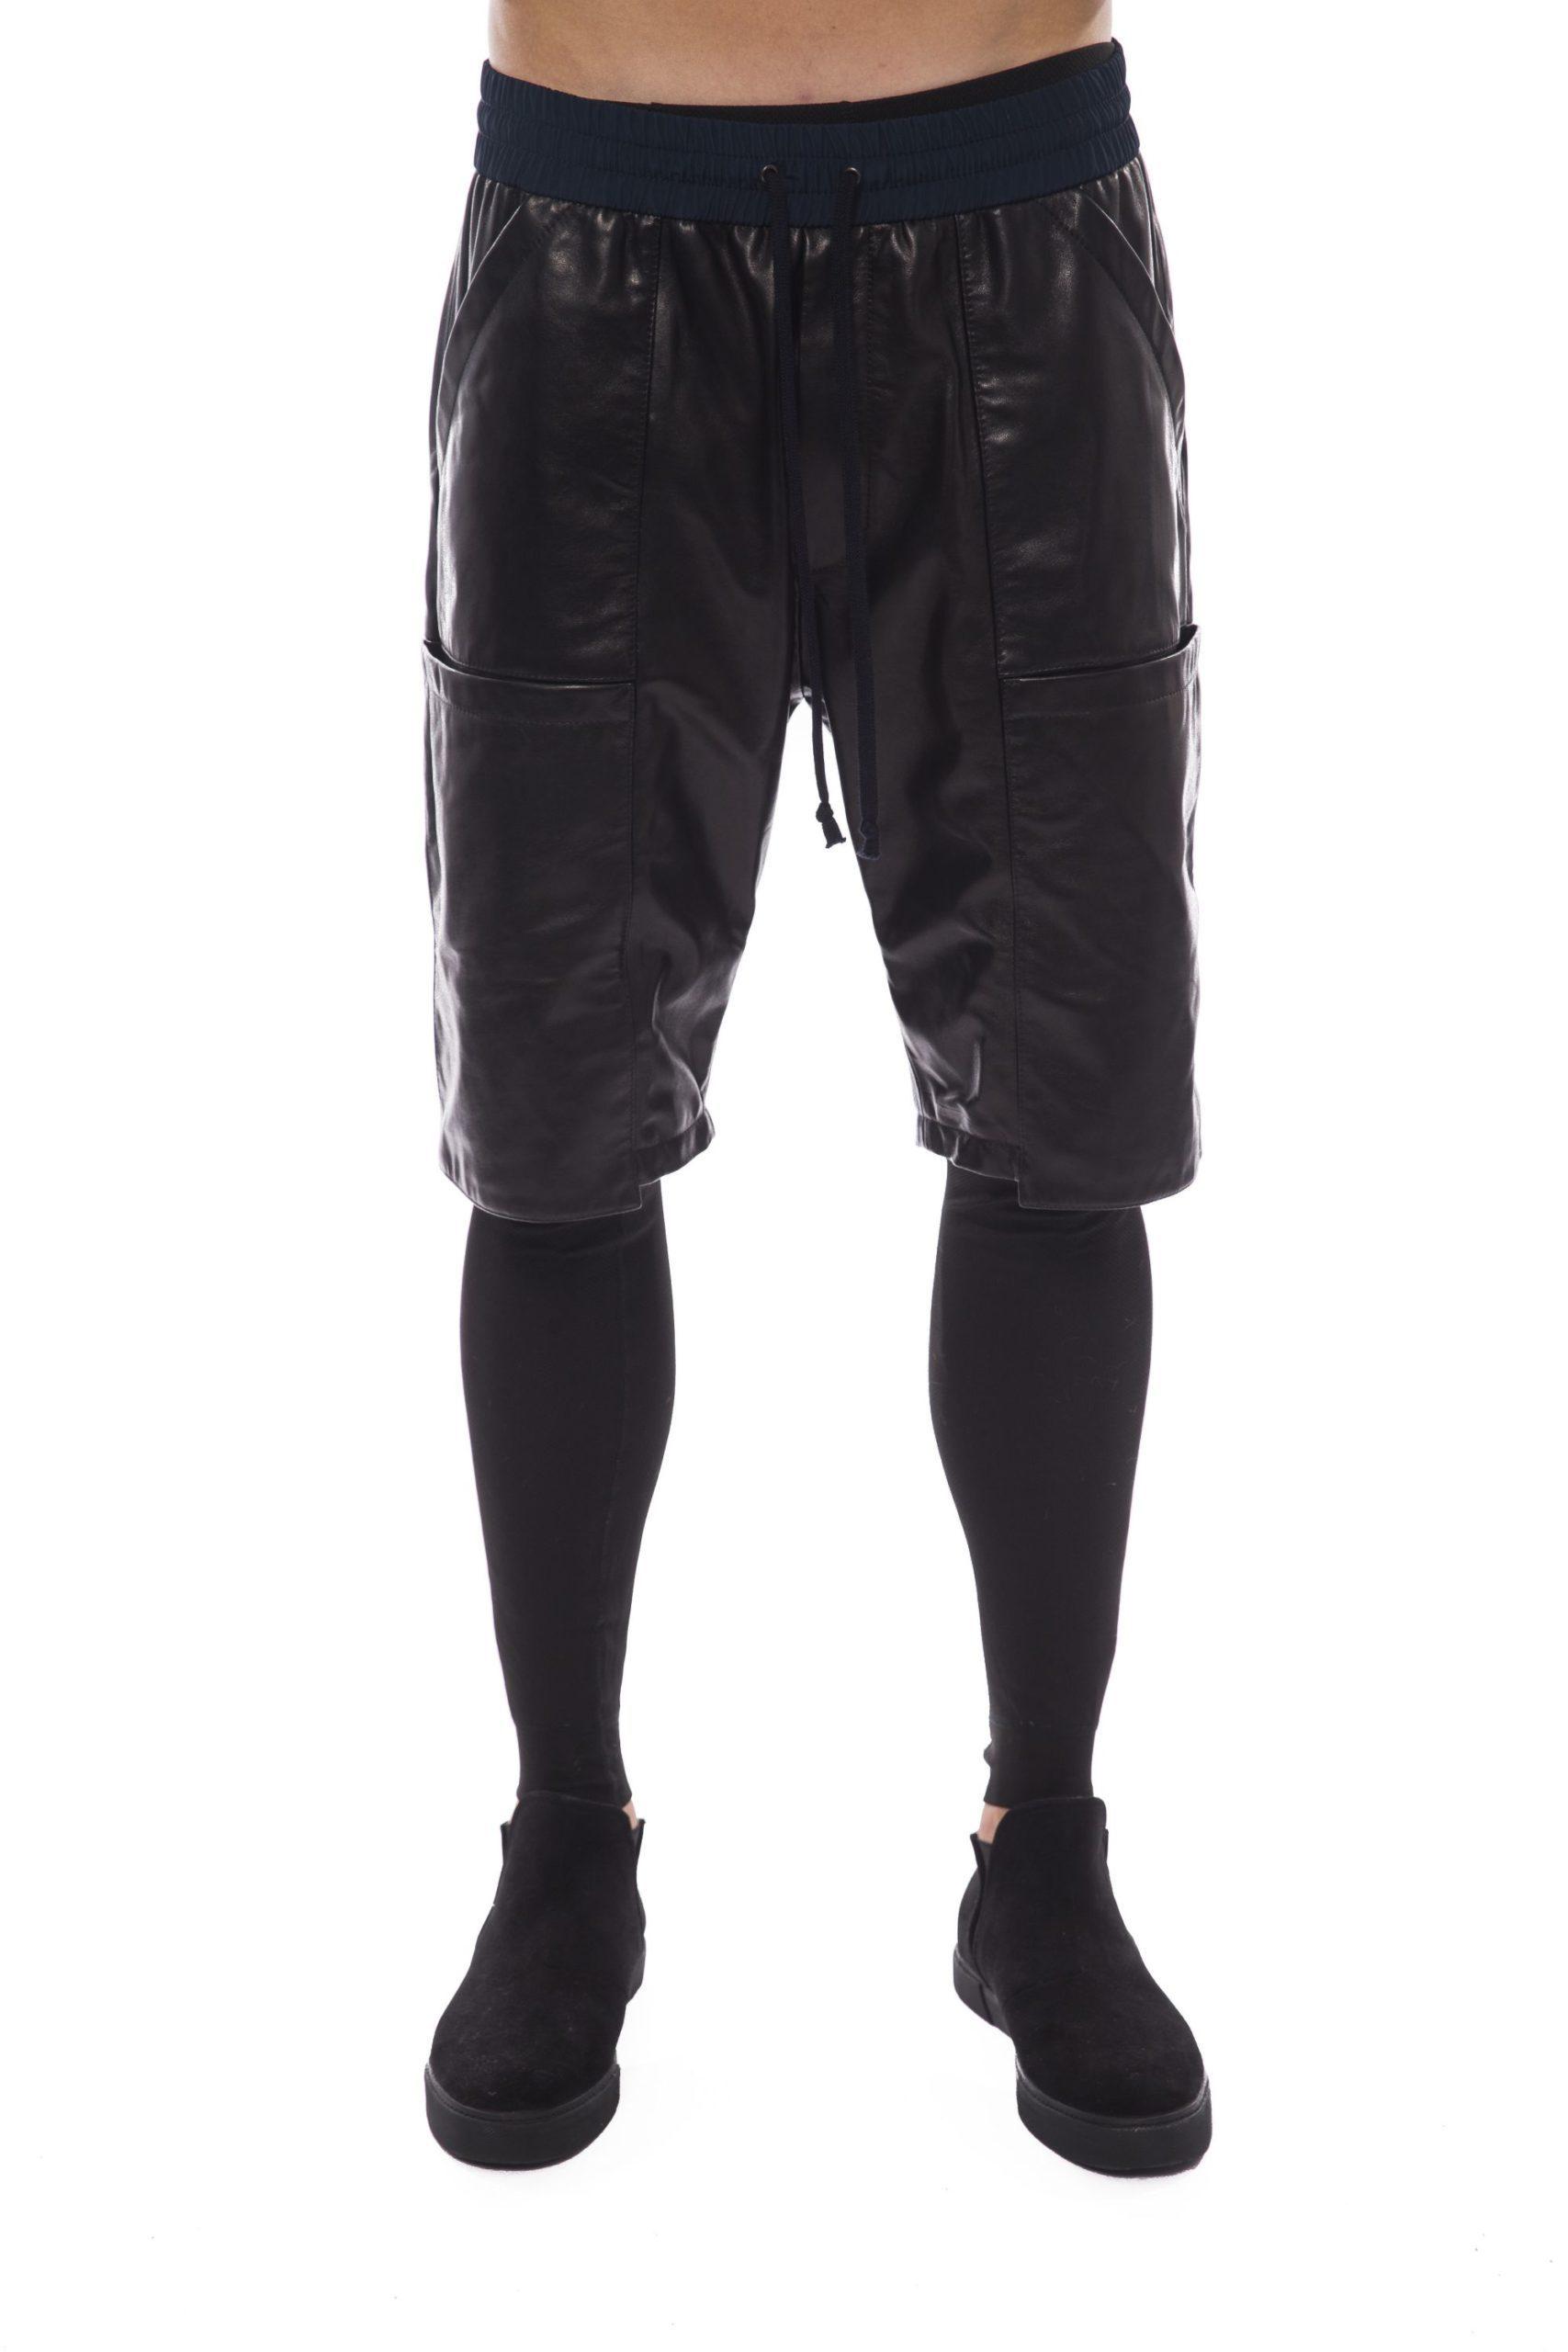 Nicolo Tonetto Men's Nero Shorts Black NI1394705 - L